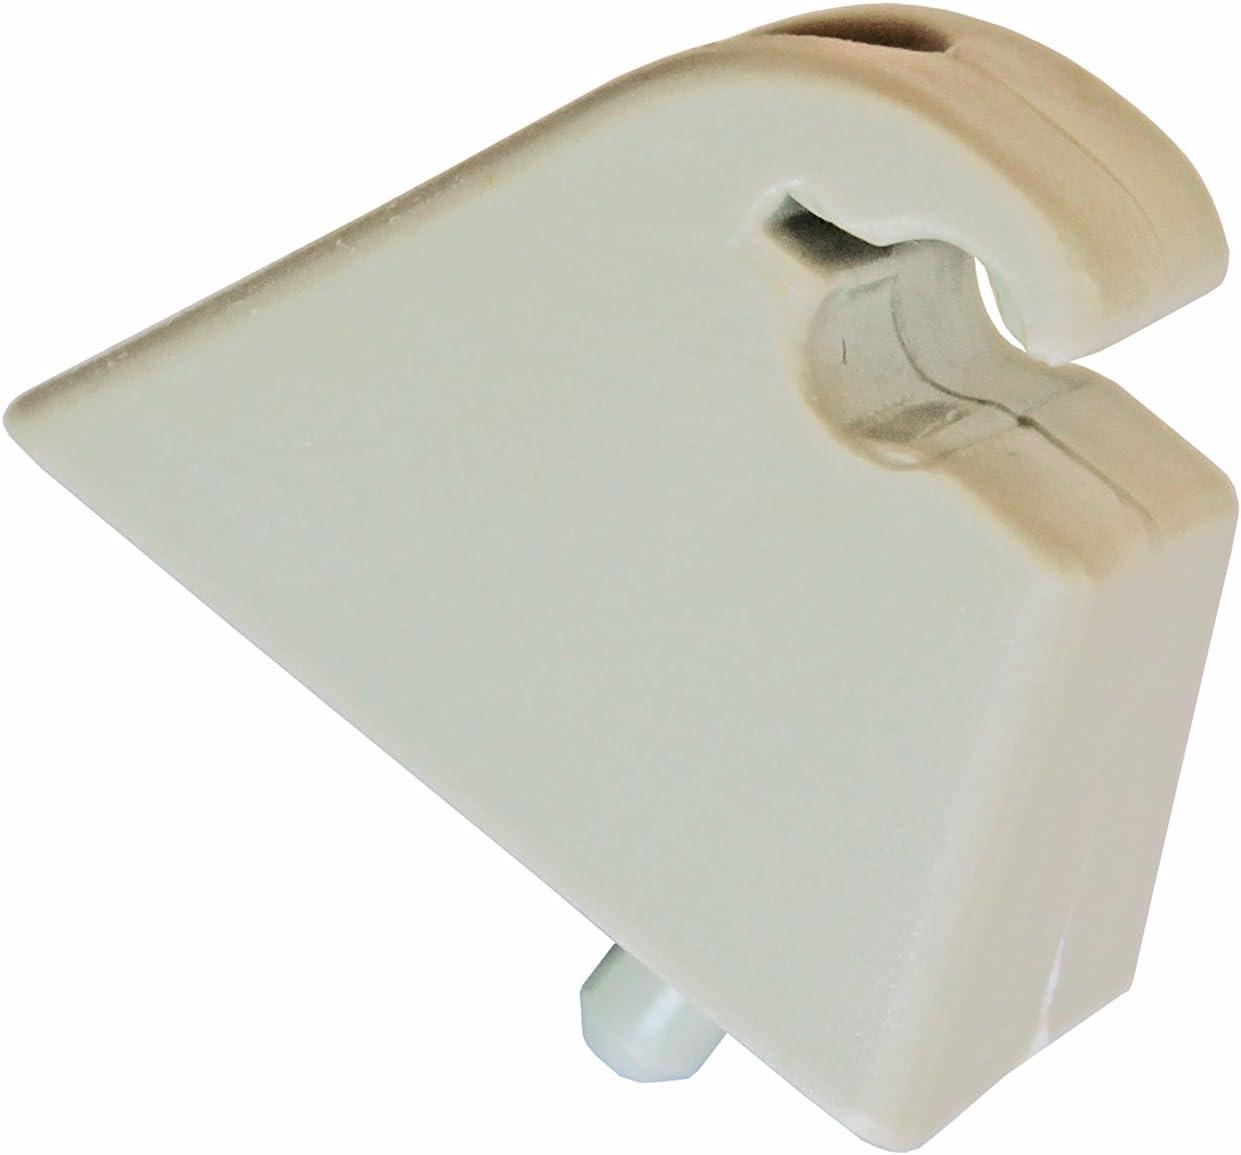 Autocommerse 2 Stück Sonnenblende Halterung Haken Clip Sonnenschutz Aufhänger Für Astra Vectra Corsa Tigra Vivaro Autozubehör Auto